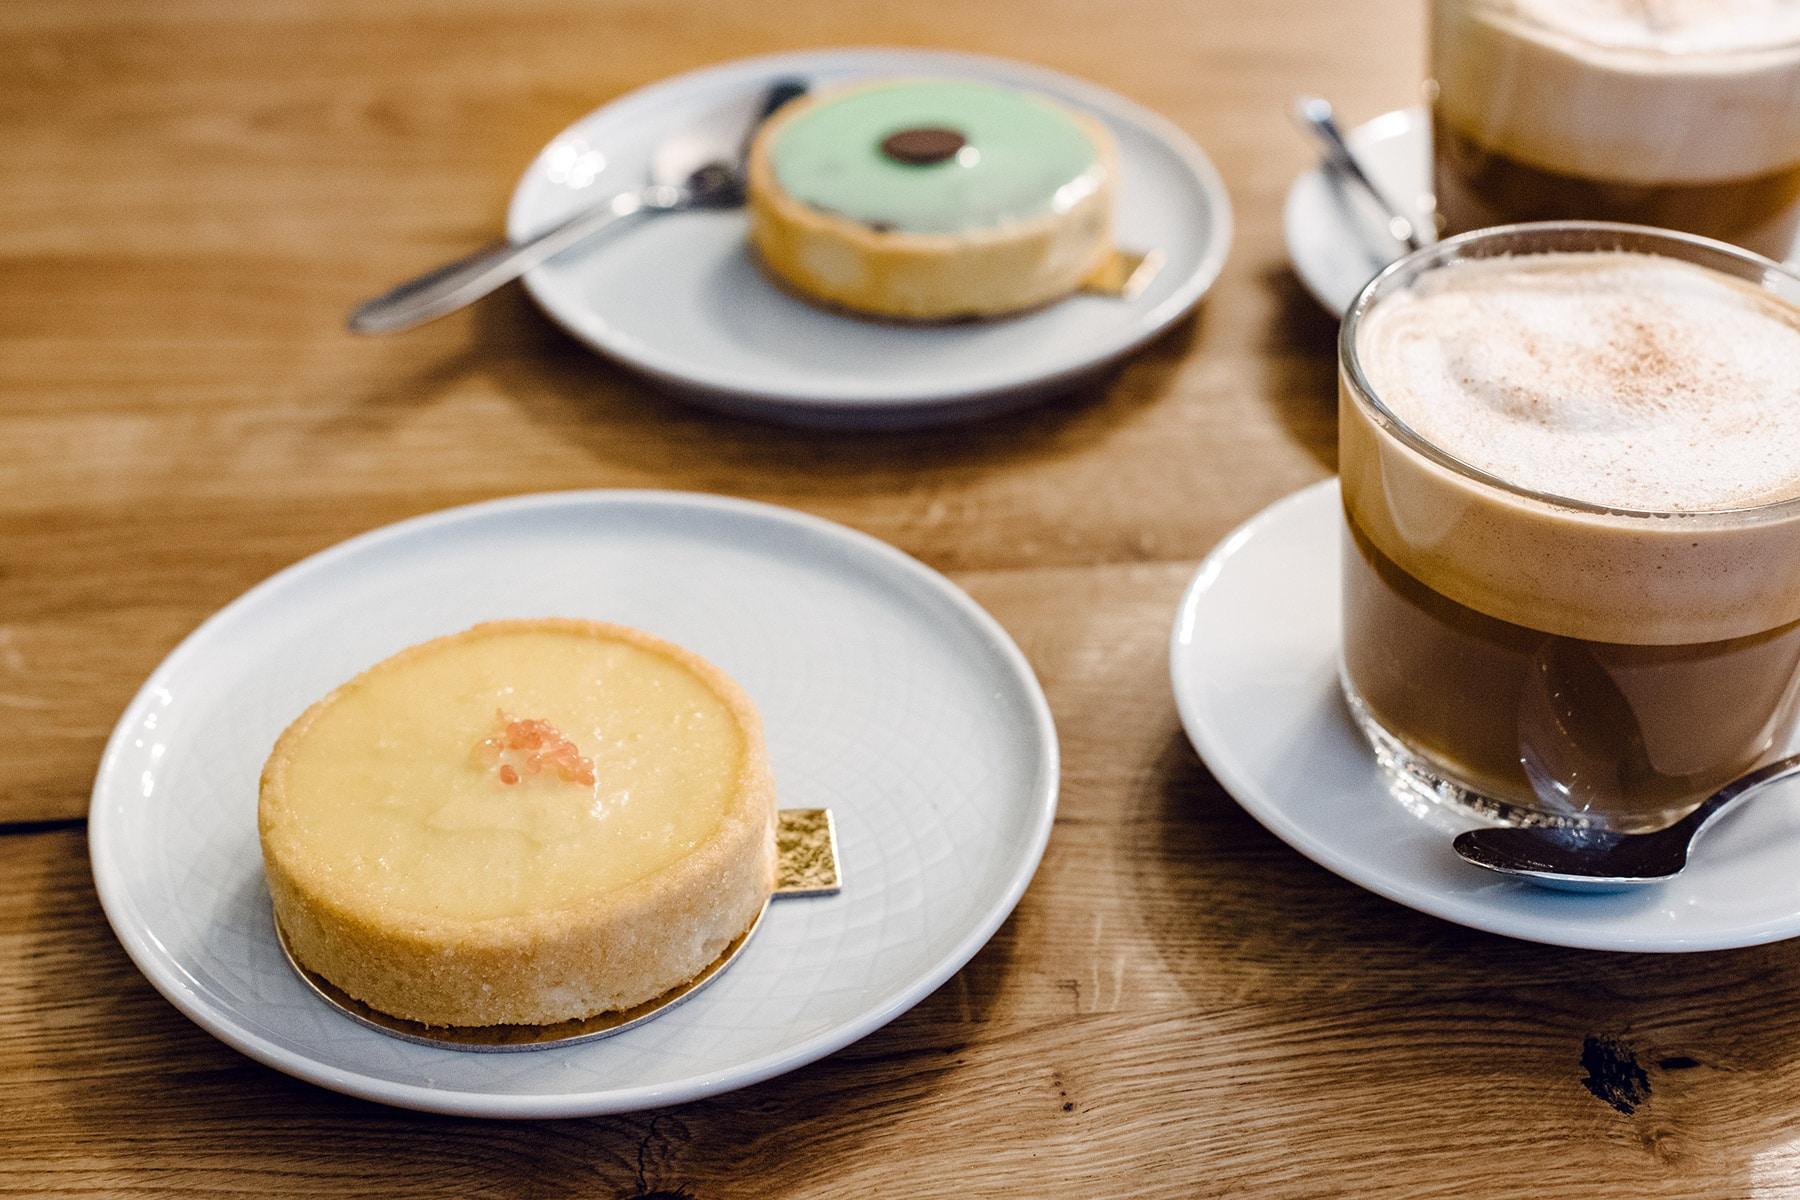 Goûter végétalien à Genève: tartelette au citron, carac et cappucino au lait végétal chez EnVie